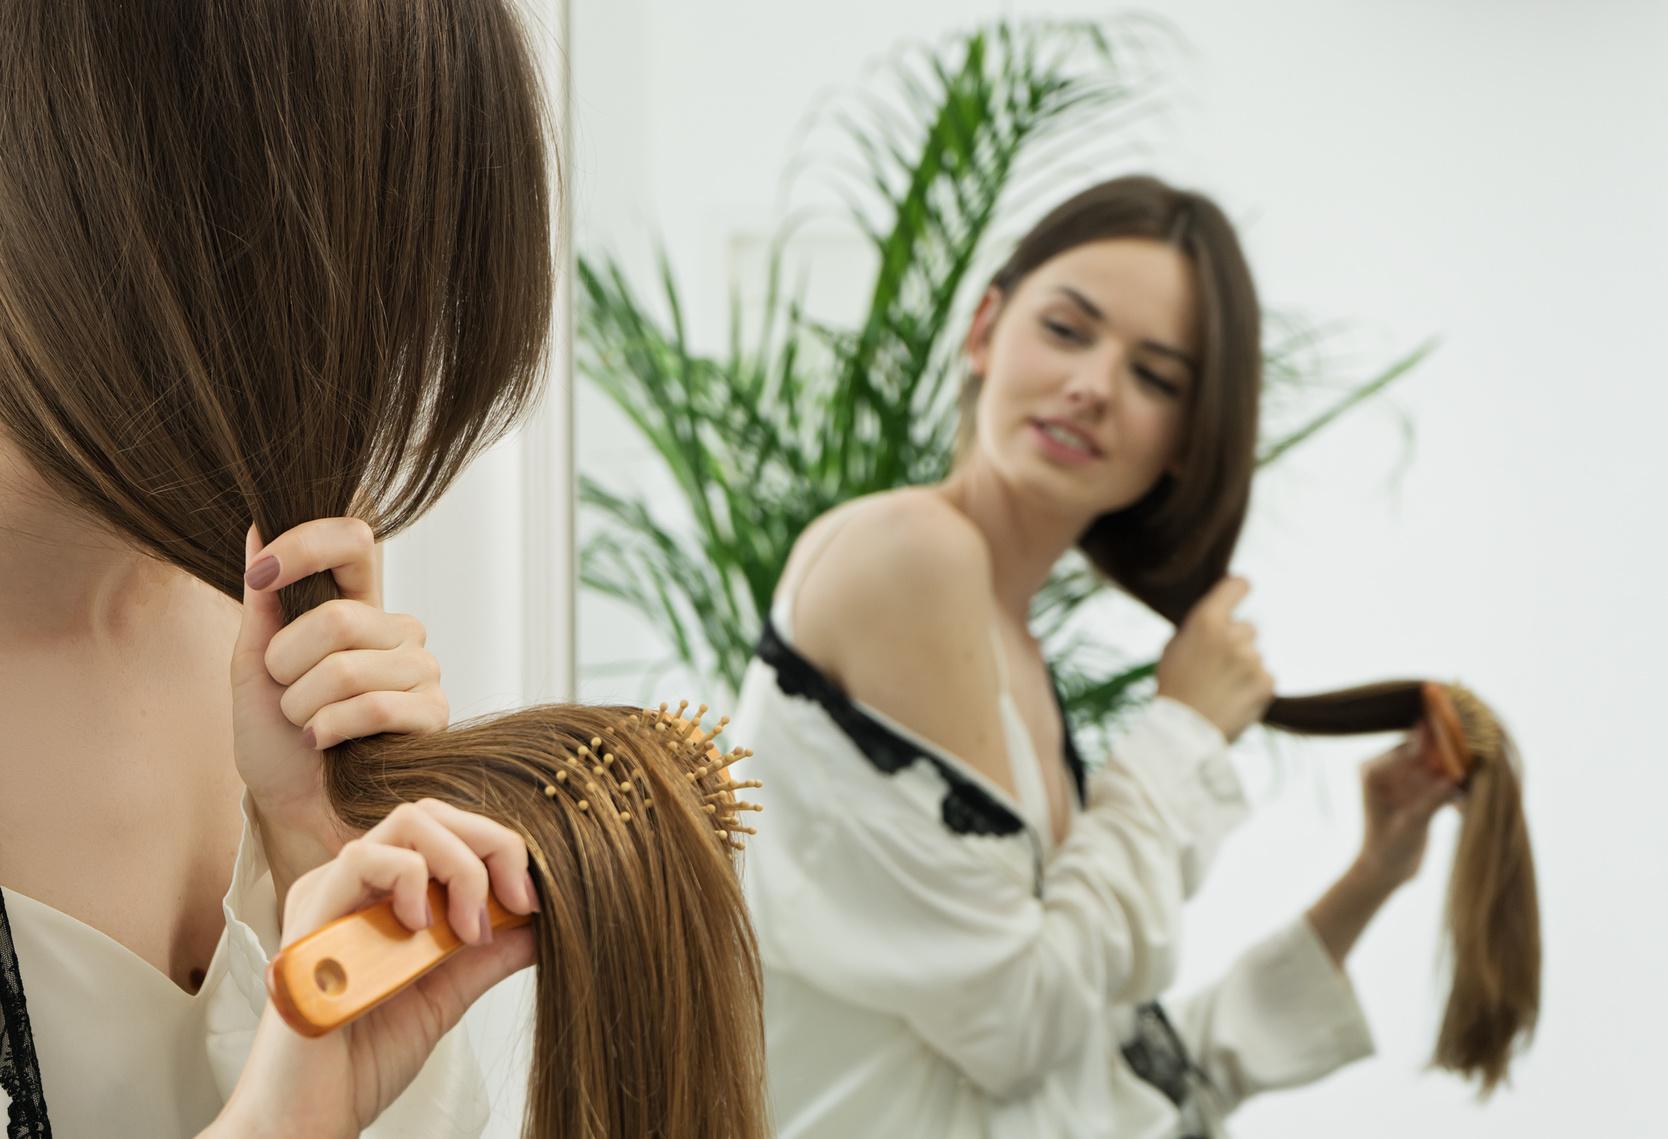 Co zrobić, by włosy rosły szybciej?